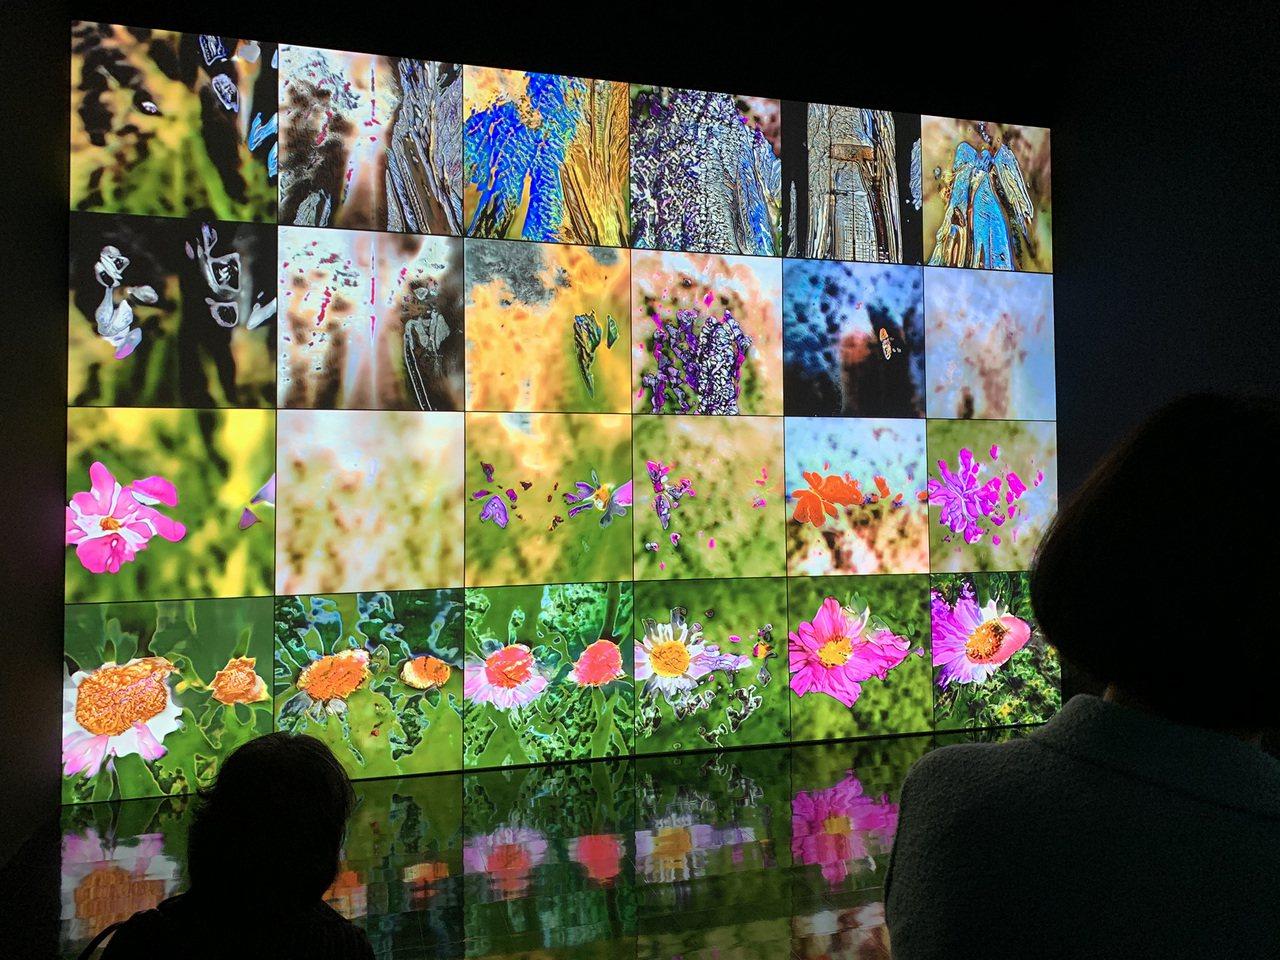 台達8K投影技術協助東京森美術館完成的影音藝術作品「深度冥思」。圖/台達提供